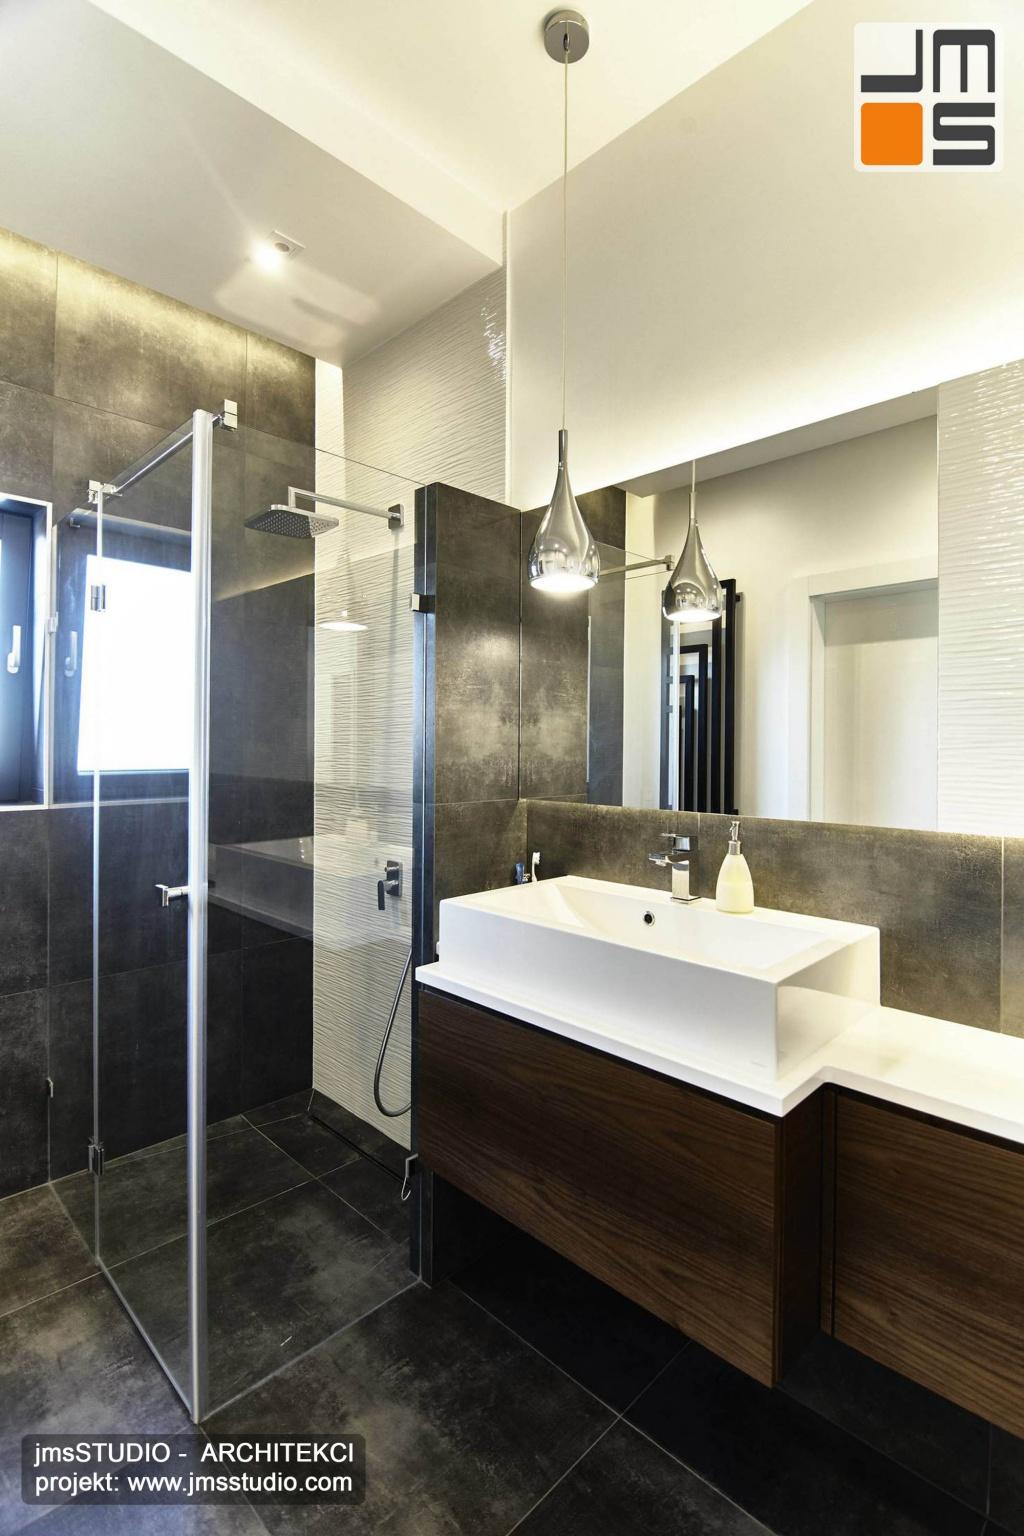 2018 06 bardzo elegancki i prosty projekt wnętrz łazienki pod Poznaniem zakładał zastosowanie ciemnych płytek gresowych oraz dużych luster i drewna w łazience